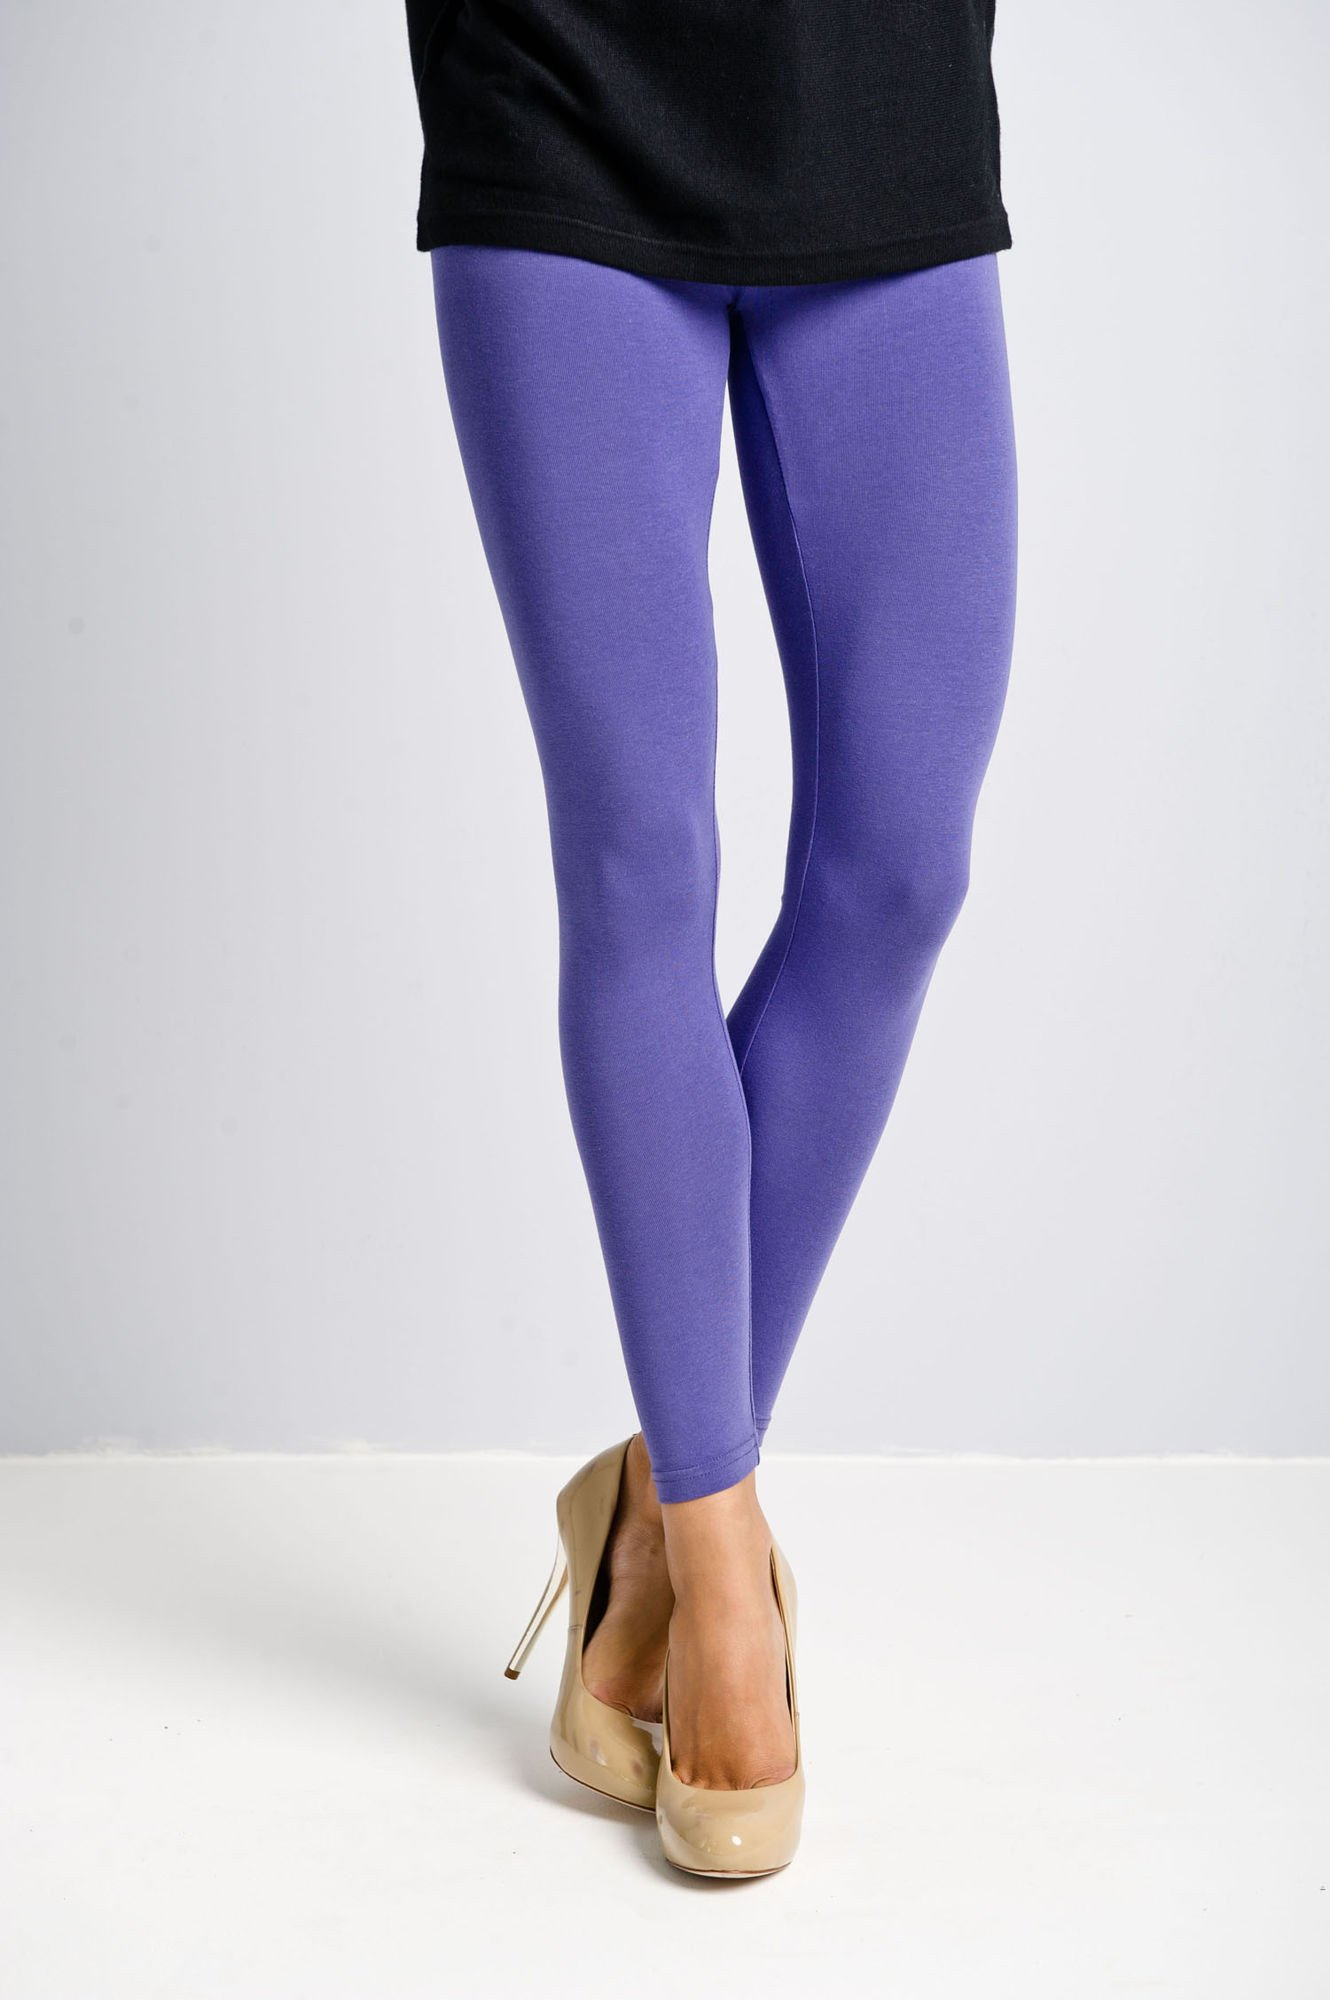 Ciemnofioletowe legginsy bawełniane z gumką w pasie                                  zdj.                                  4